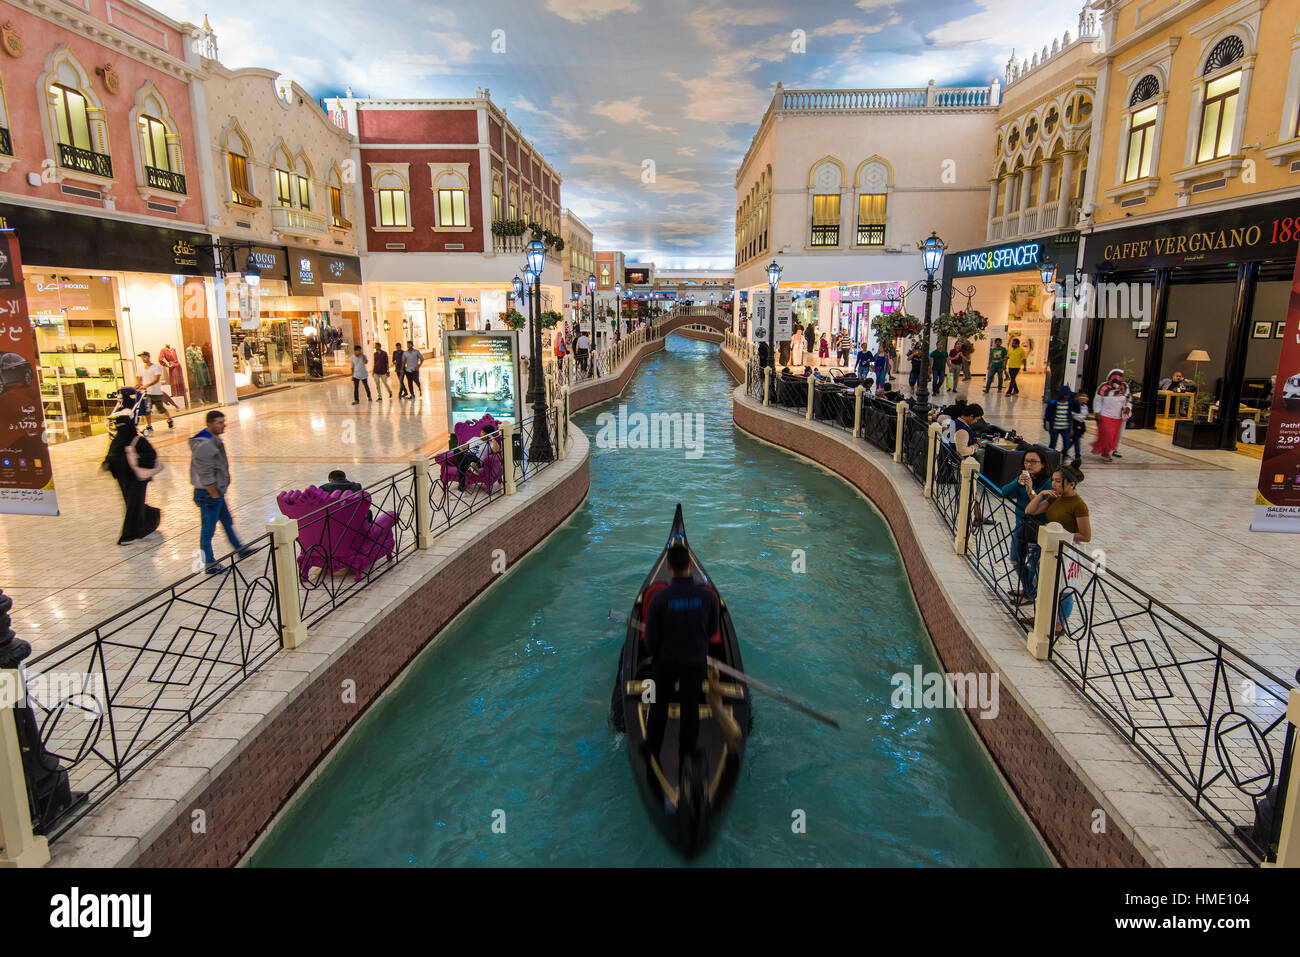 Vista su Venezia italiano-tema interno del Villaggio Mall, Doha, Qatar Immagini Stock